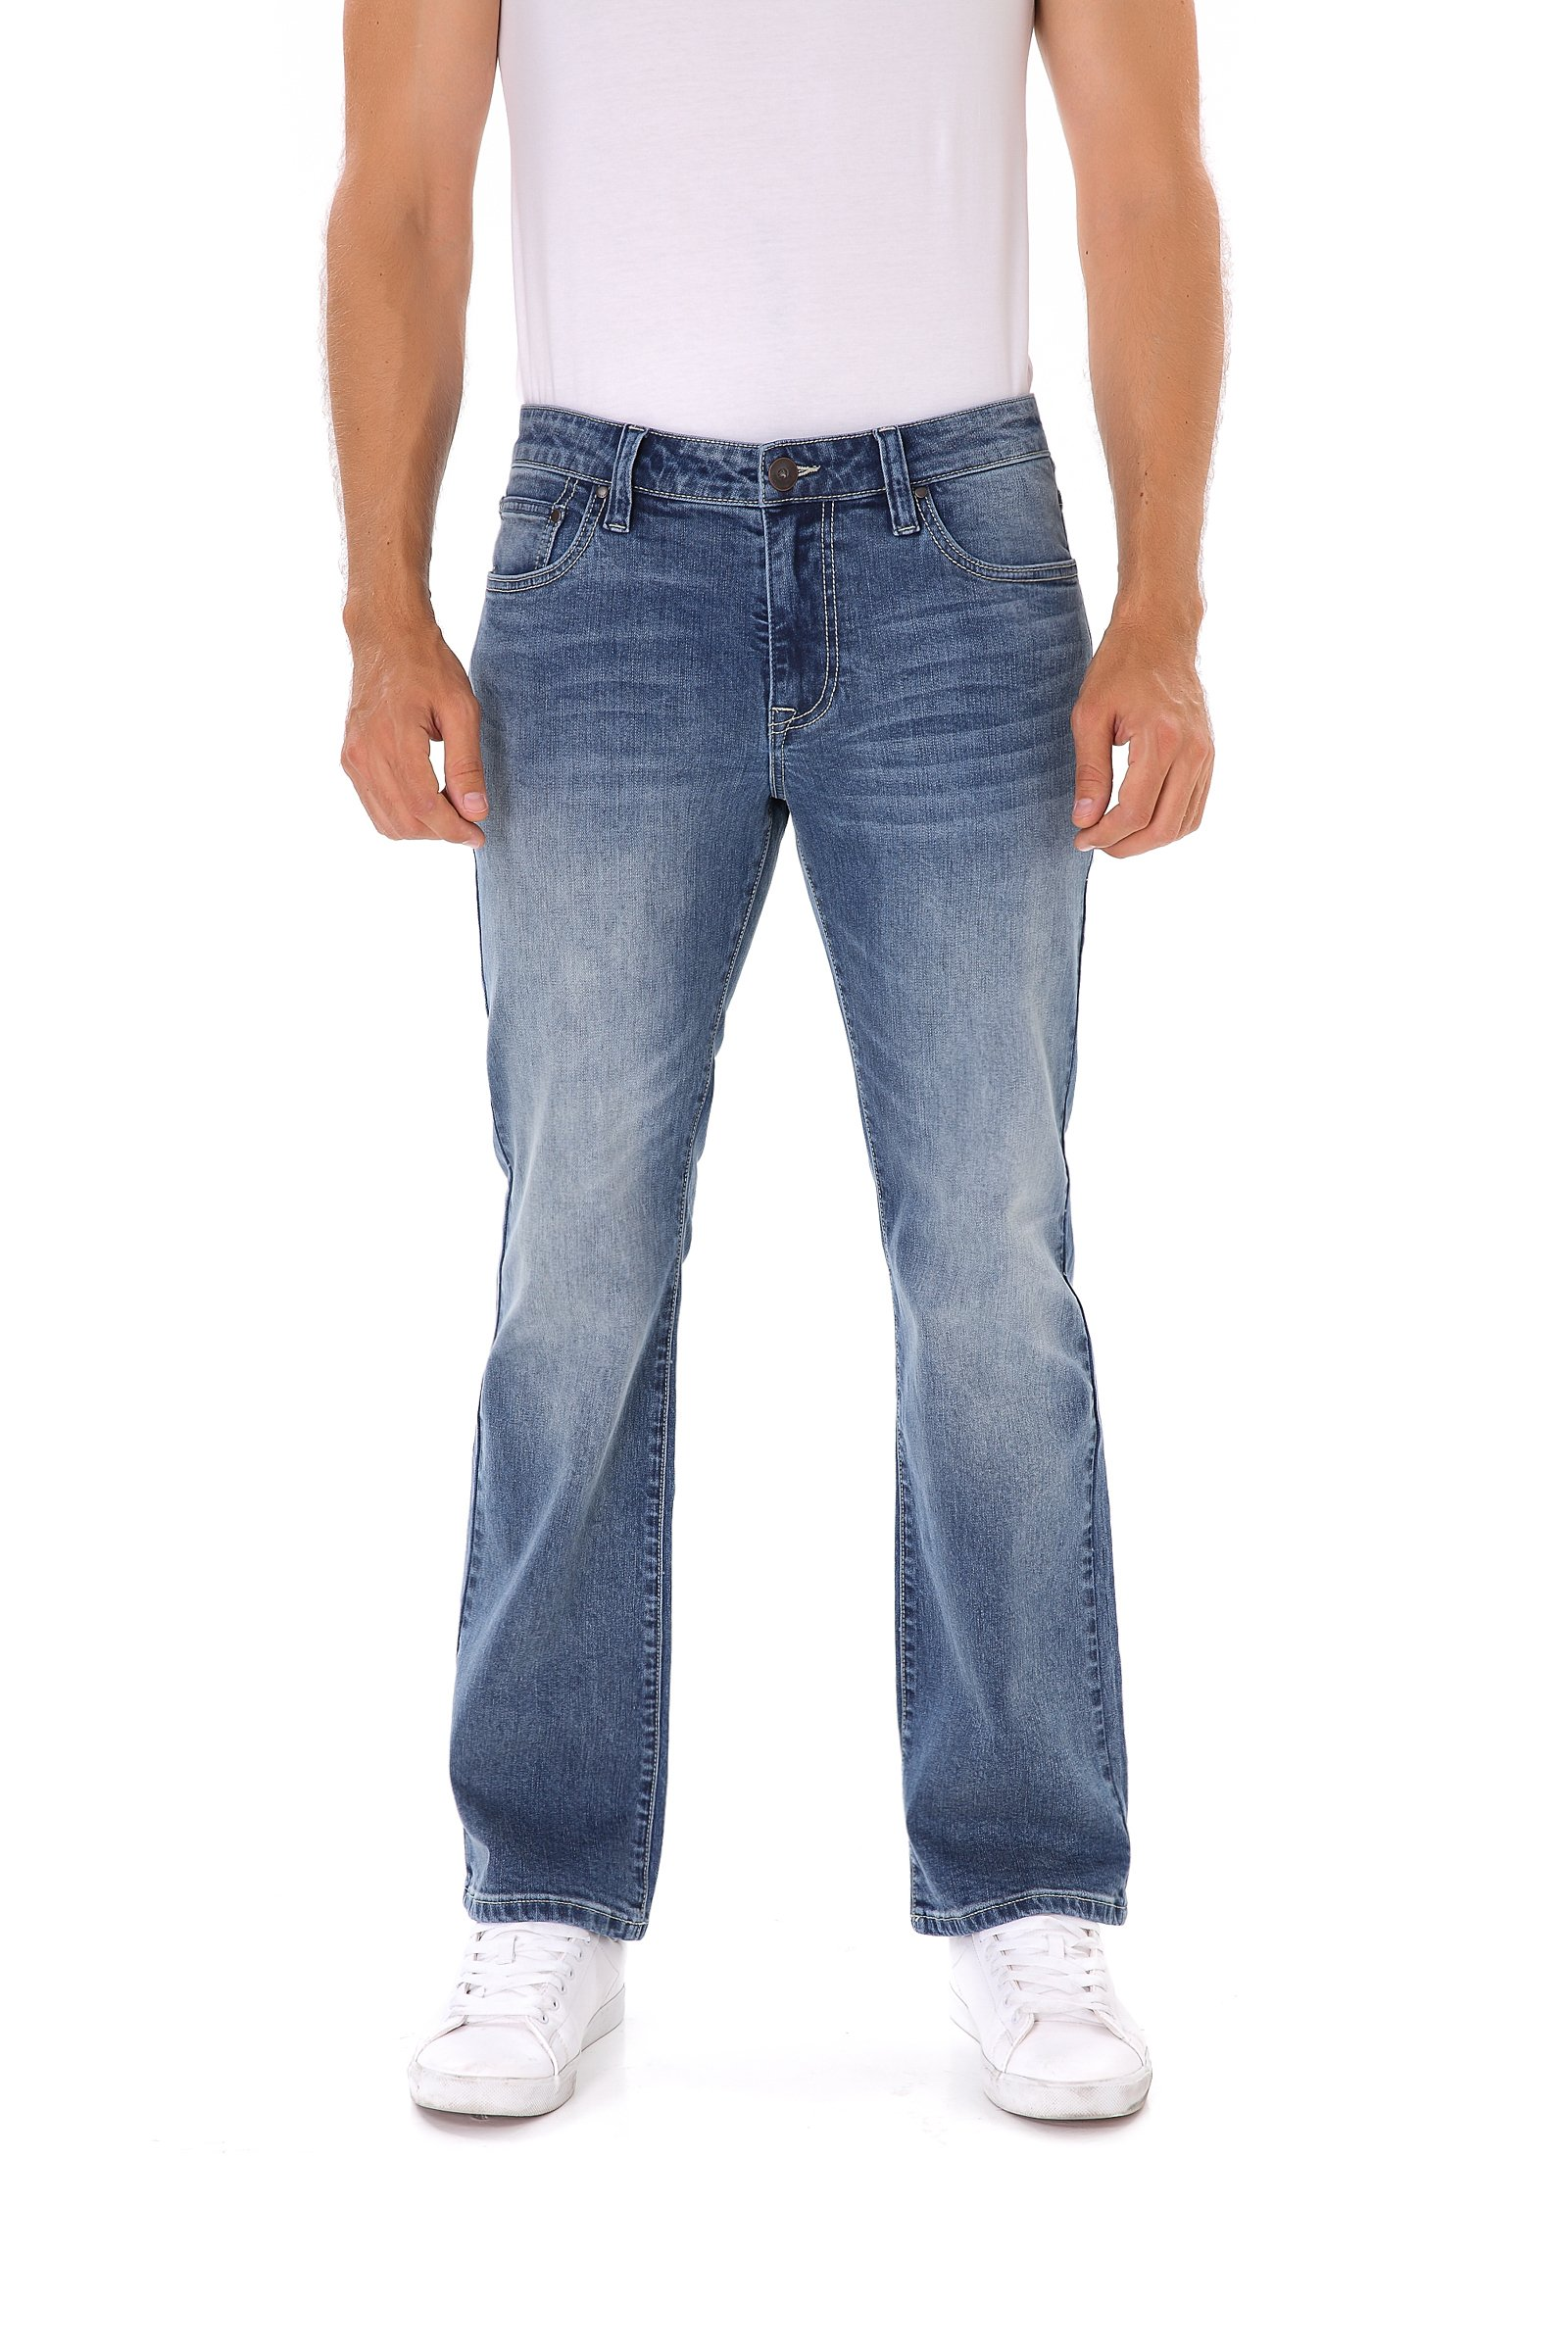 Indigo alpha Medium Blue Boot Cut Mens Jeans(8016,W32/L30)